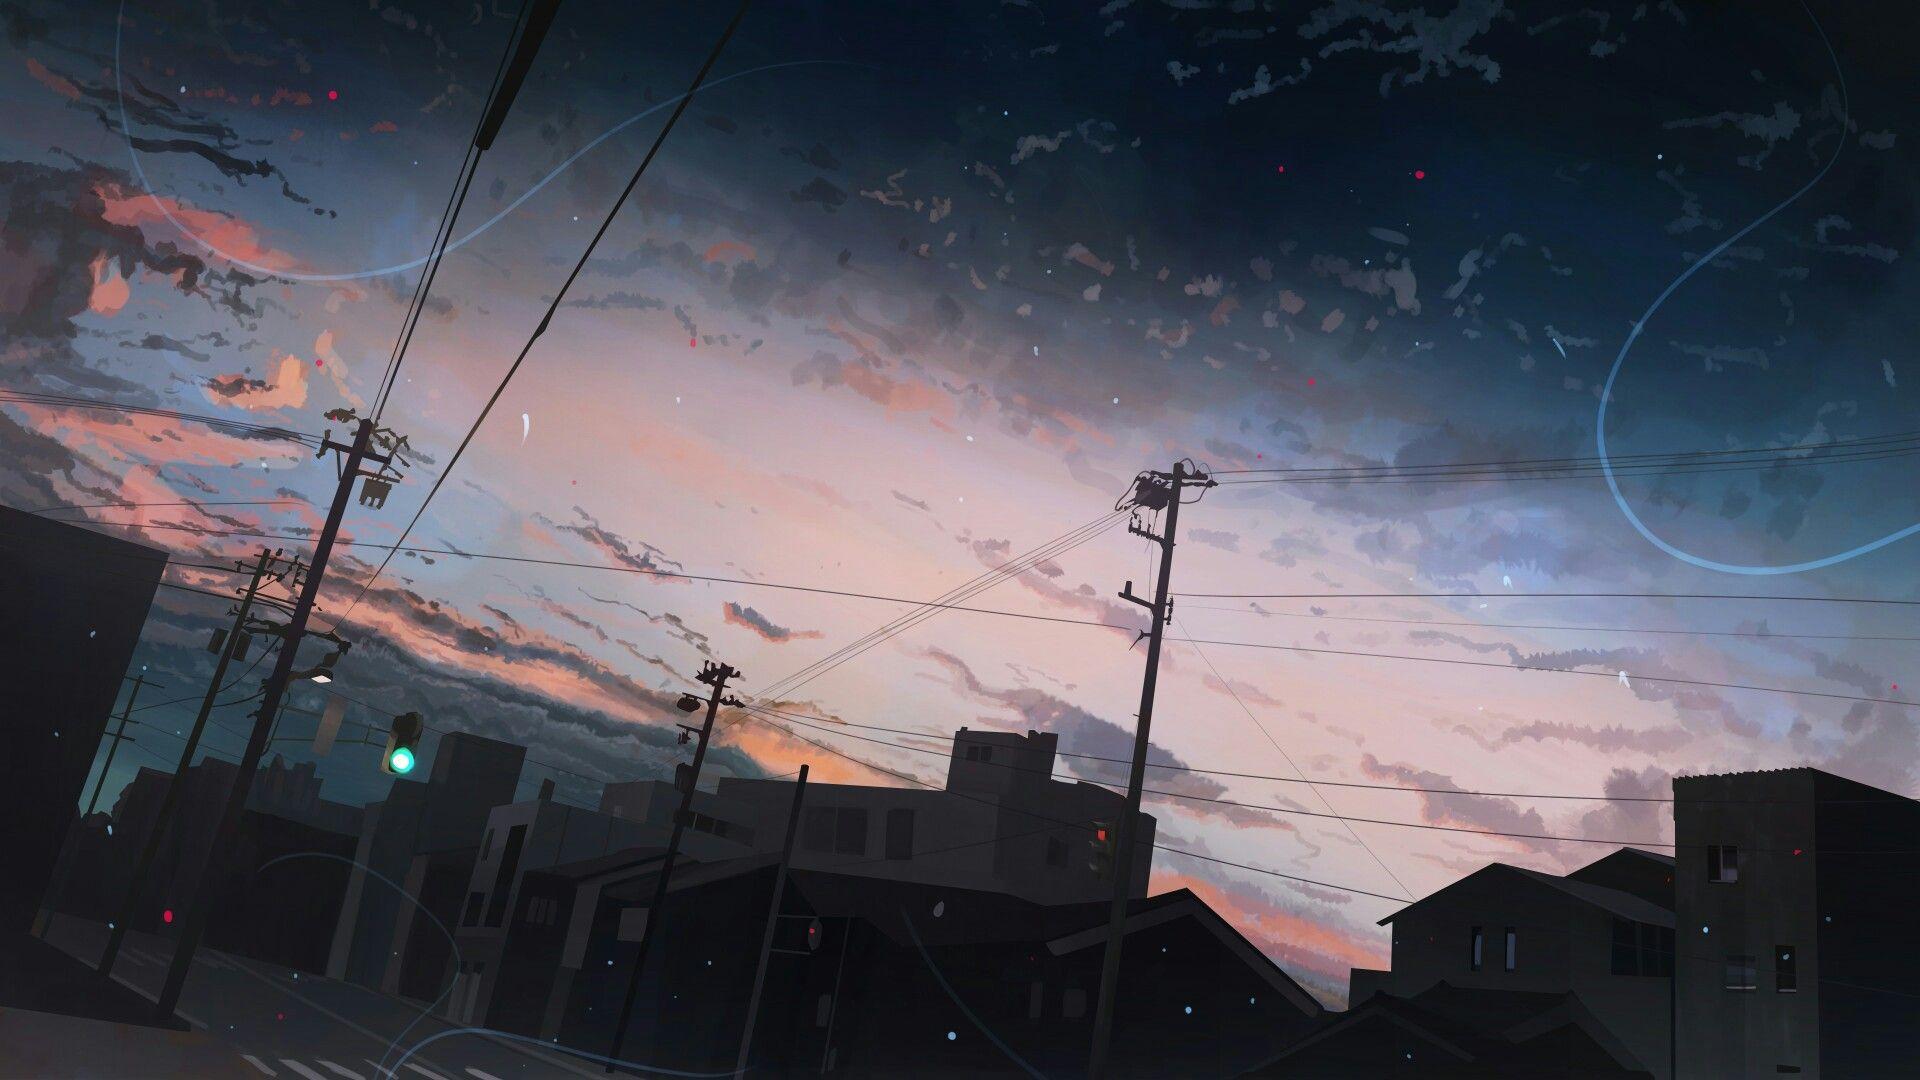 Ghim của N3M/XXH trên Anime/Backgrounds // Phong cảnh